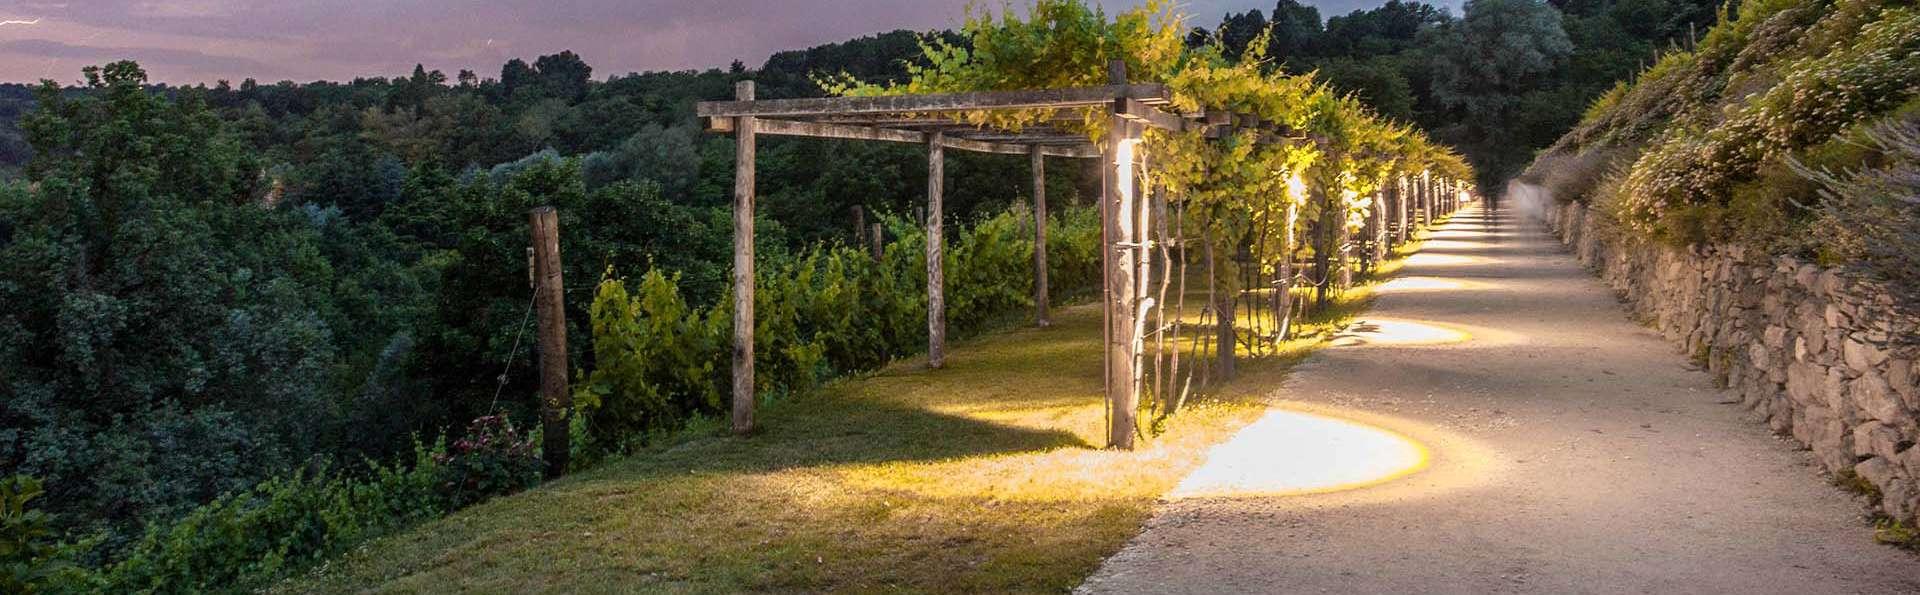 Vistaterra Country Resort - EDIT_Vigna_sera_01.jpg